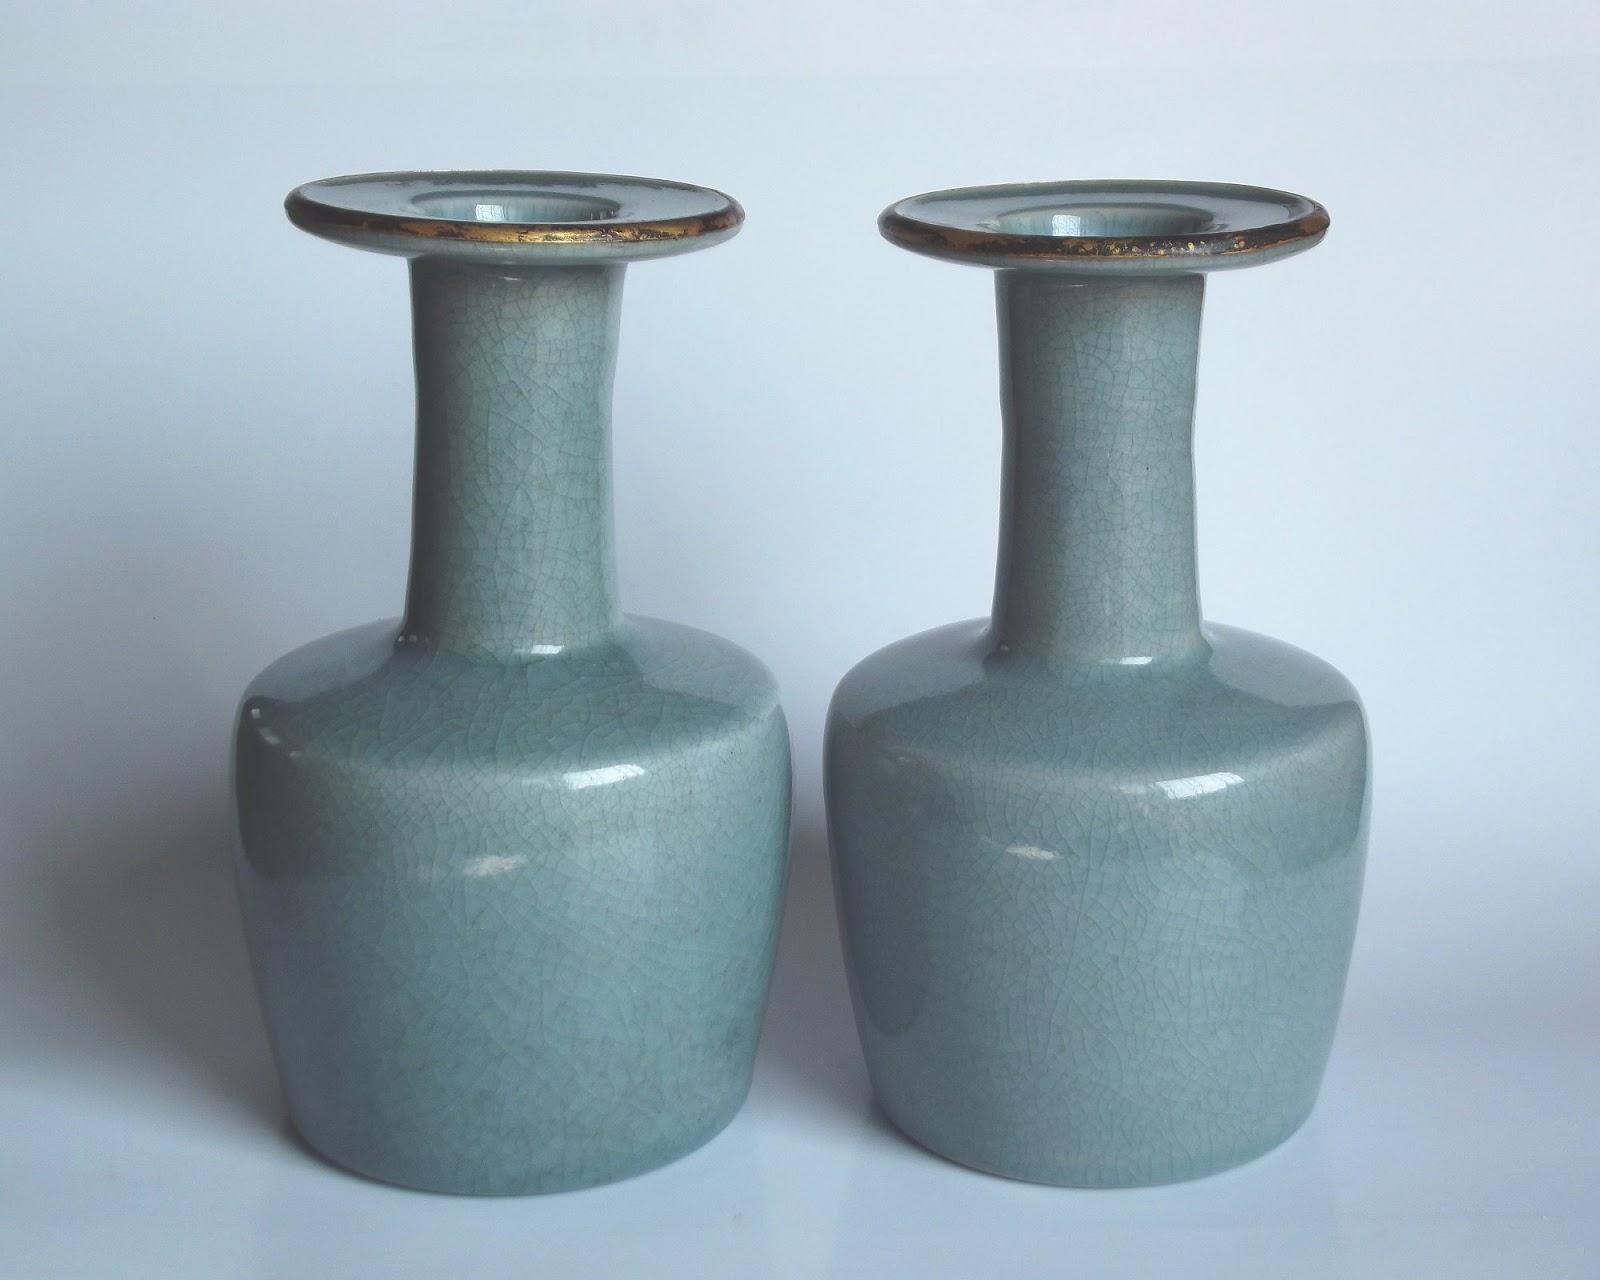 闇窯1 〈高麗青瓷棒槌瓶造型仿汝窯〉